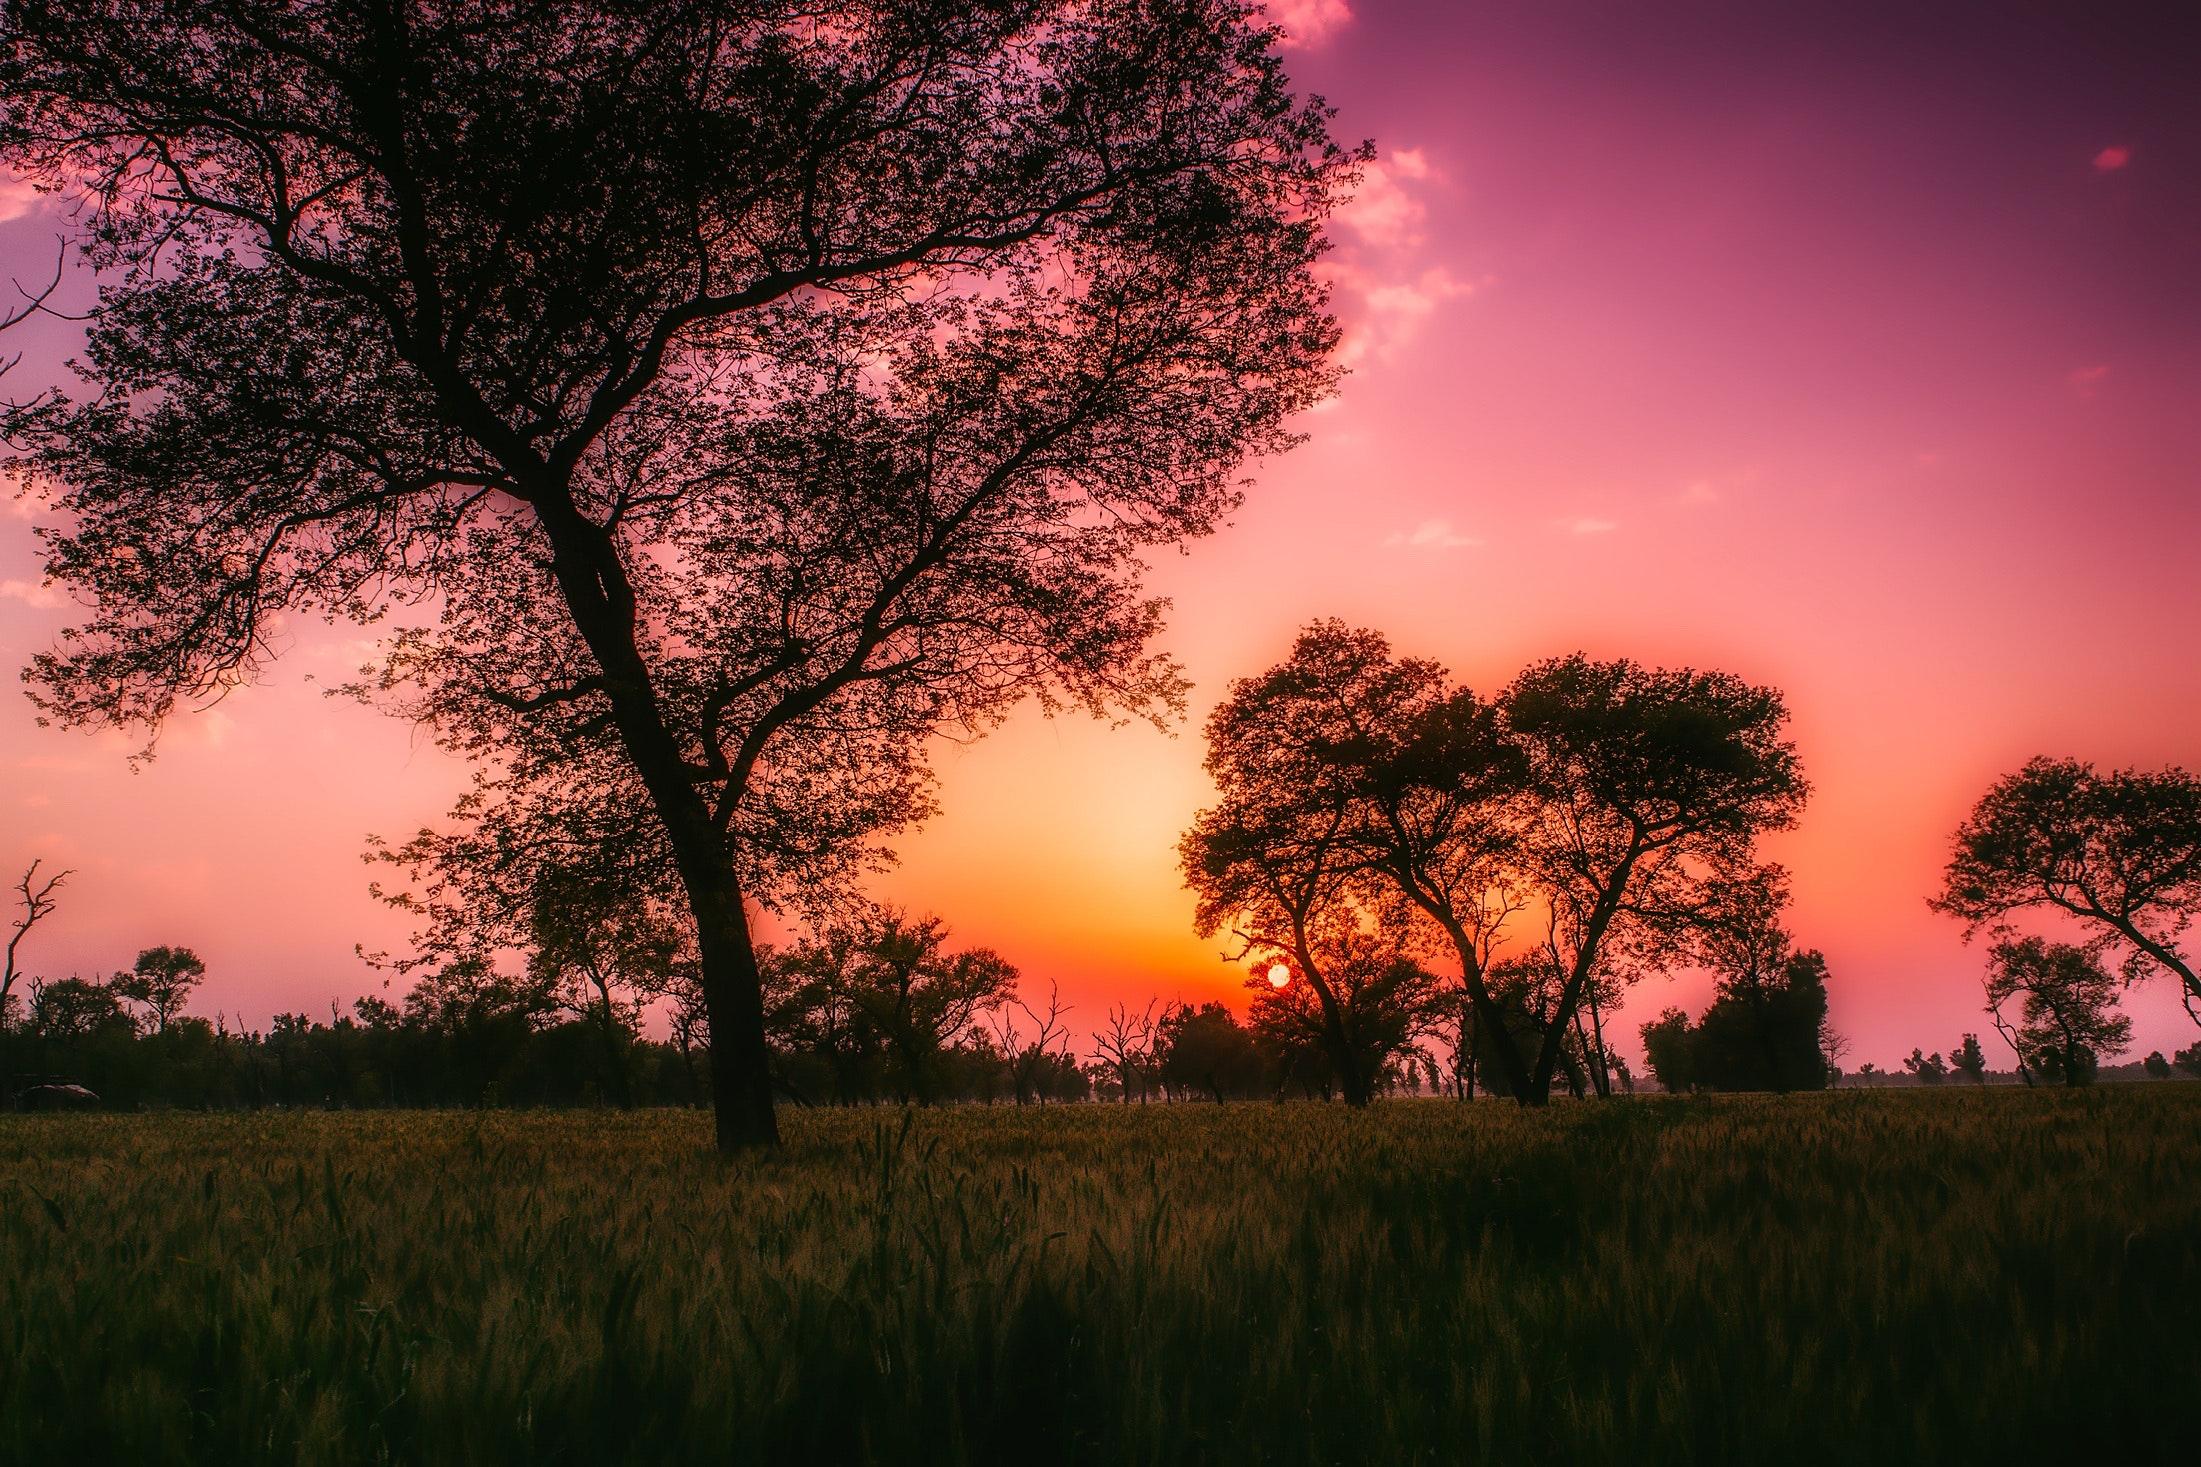 backlit-beautiful-dawn-290534.jpg